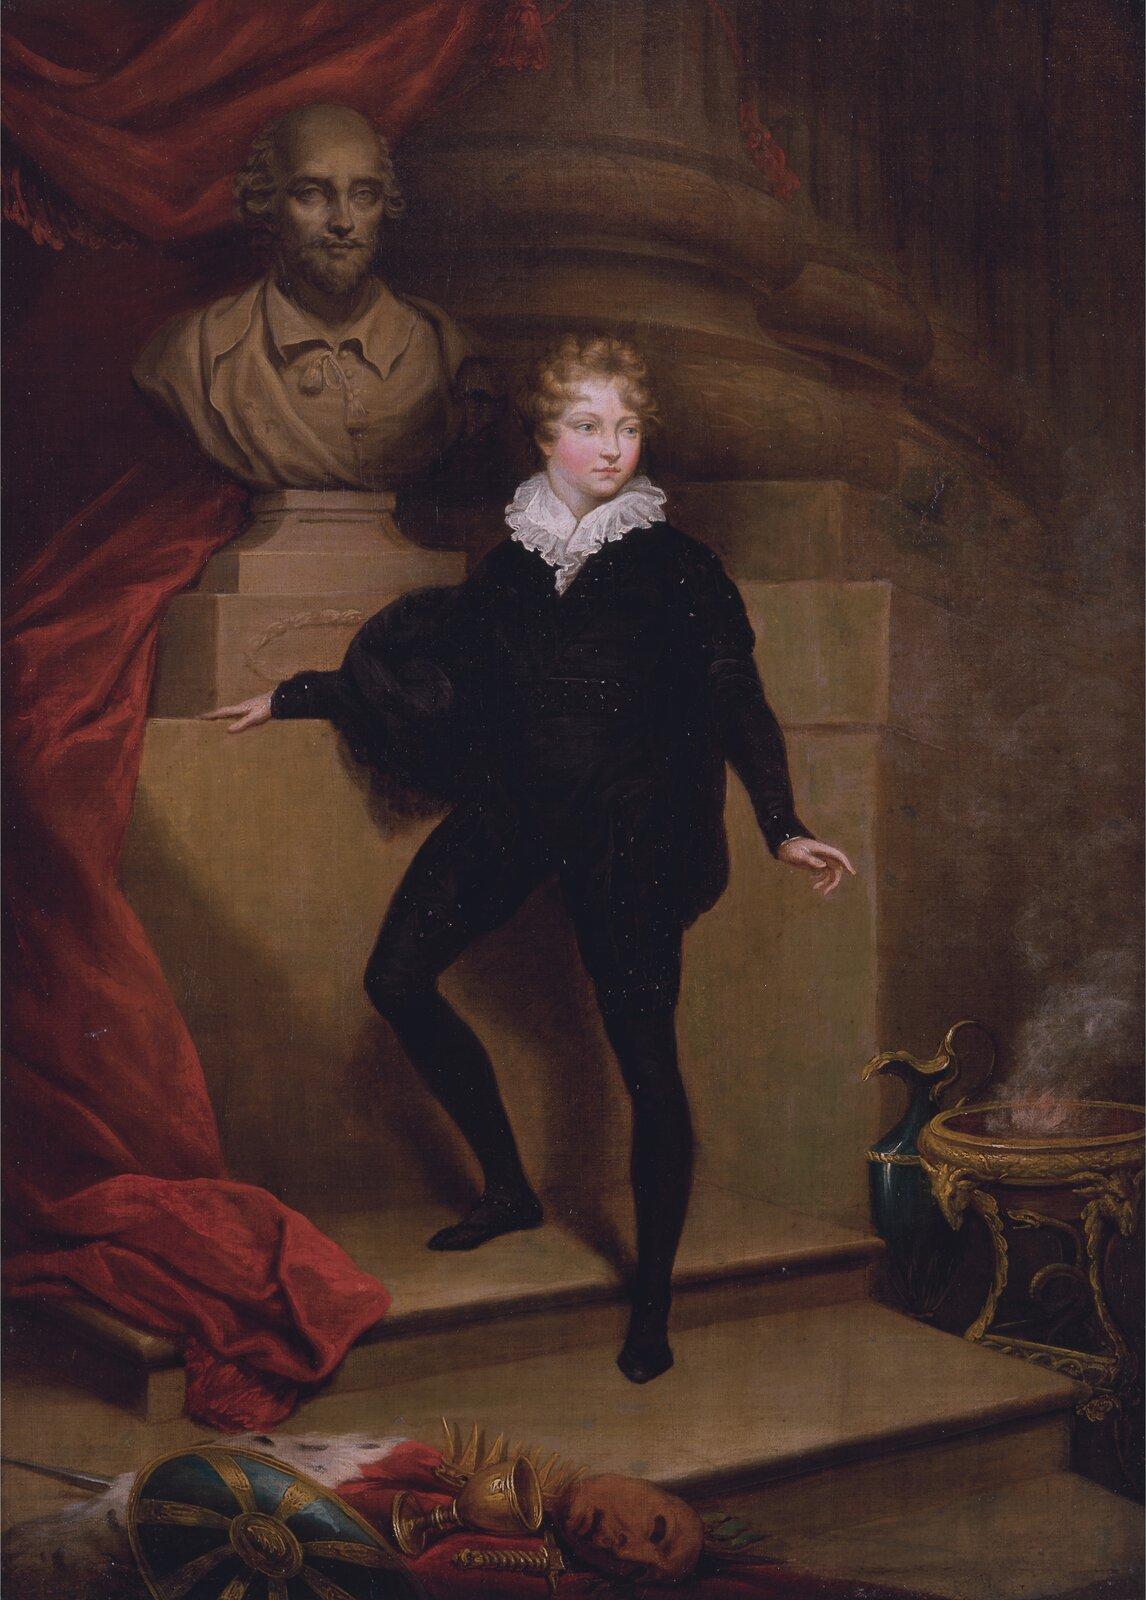 Master Betty jako Hamlet przed popiersiem Shakespeare'a Źródło: James Northcote, Master Betty jako Hamlet przed popiersiem Shakespeare'a, ok. 1804–1806, olej na płótnie, Yale Center for British Art, licencja: CC 0 1.0.